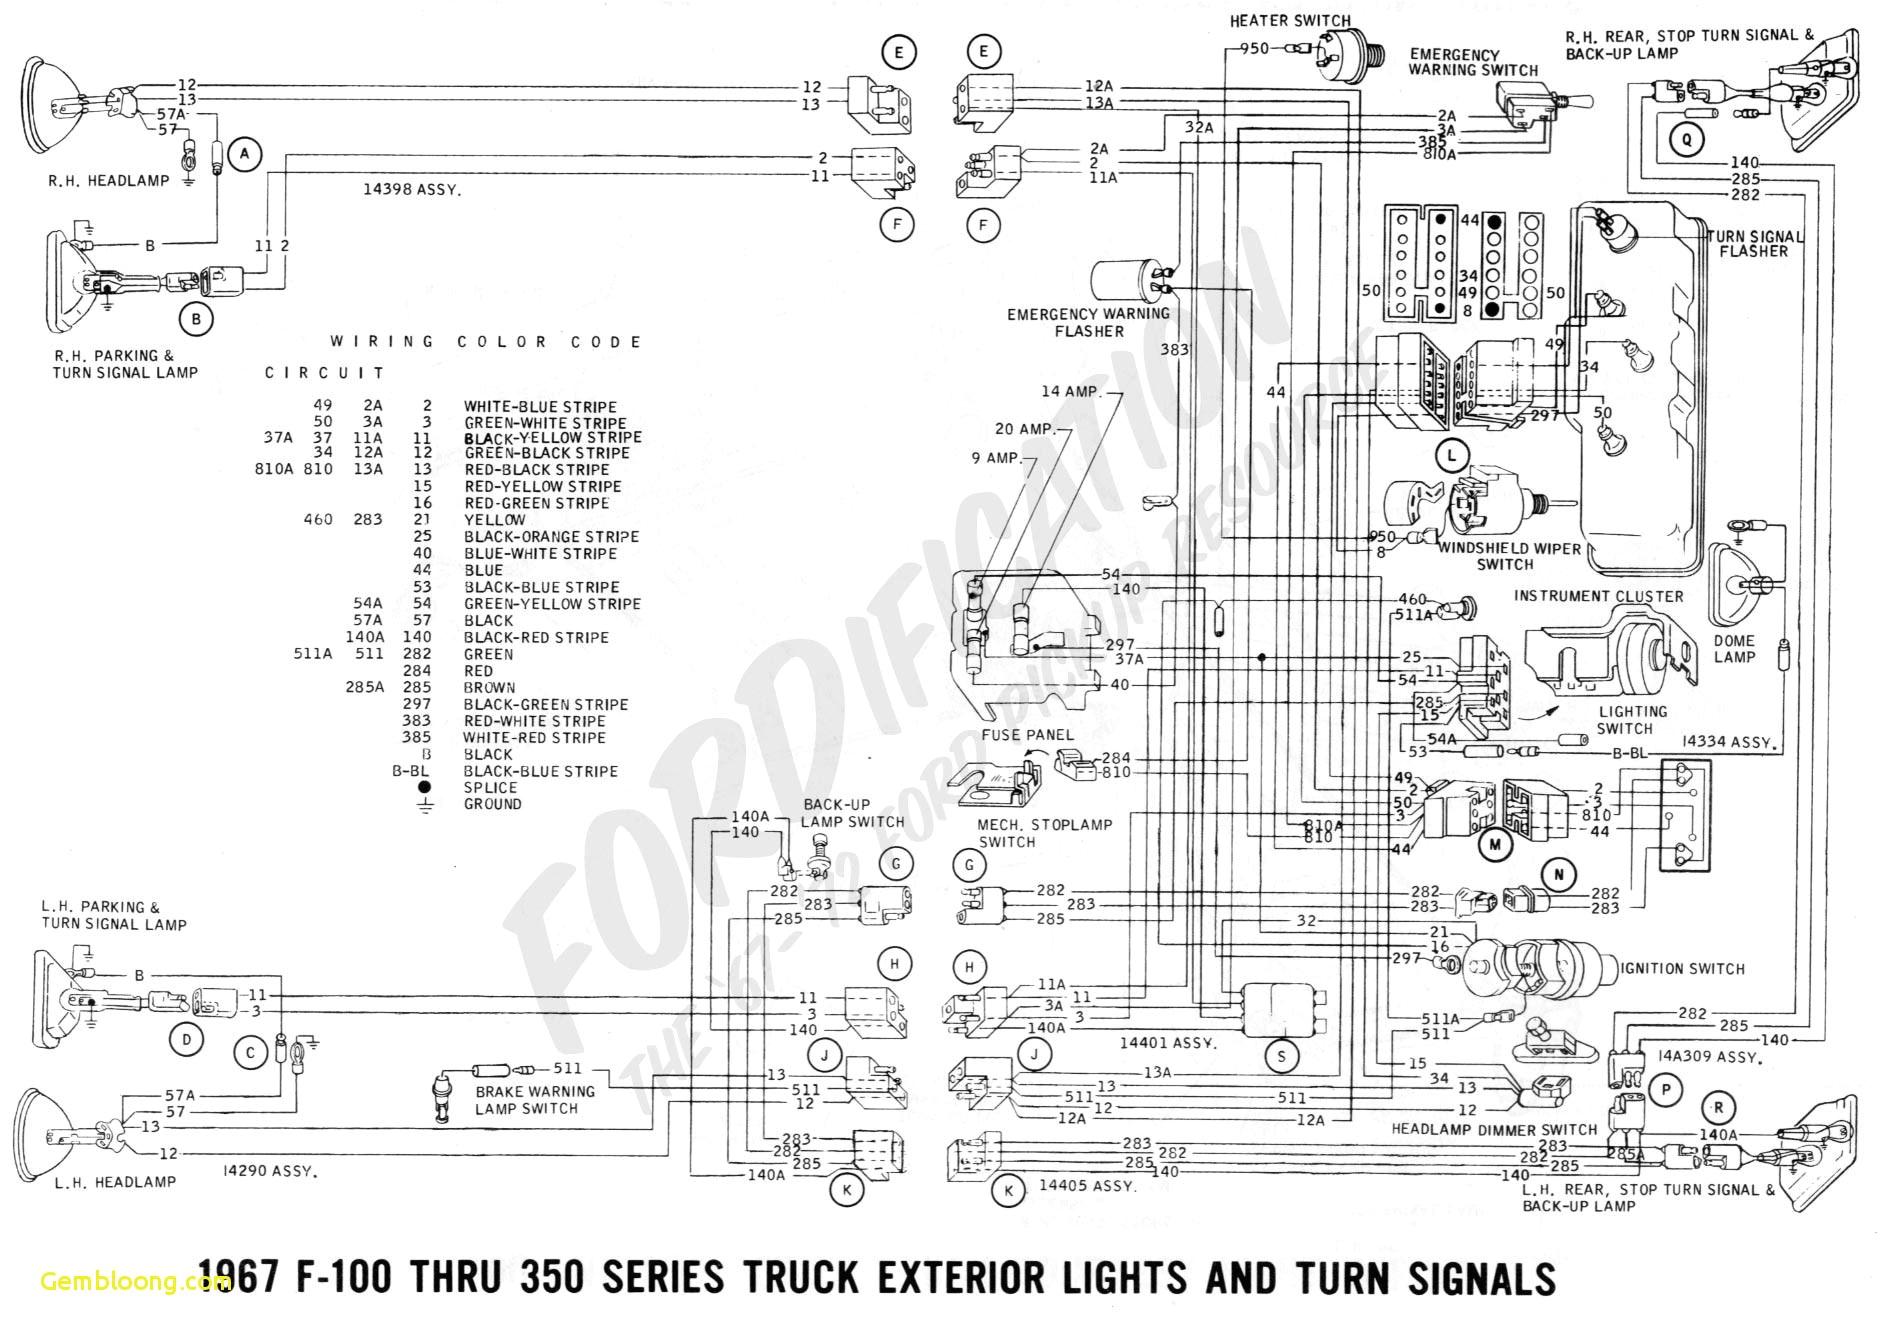 ford wiring diagram 40 wiring diagram database download ford trucks wiring diagrams ford f150 wiring